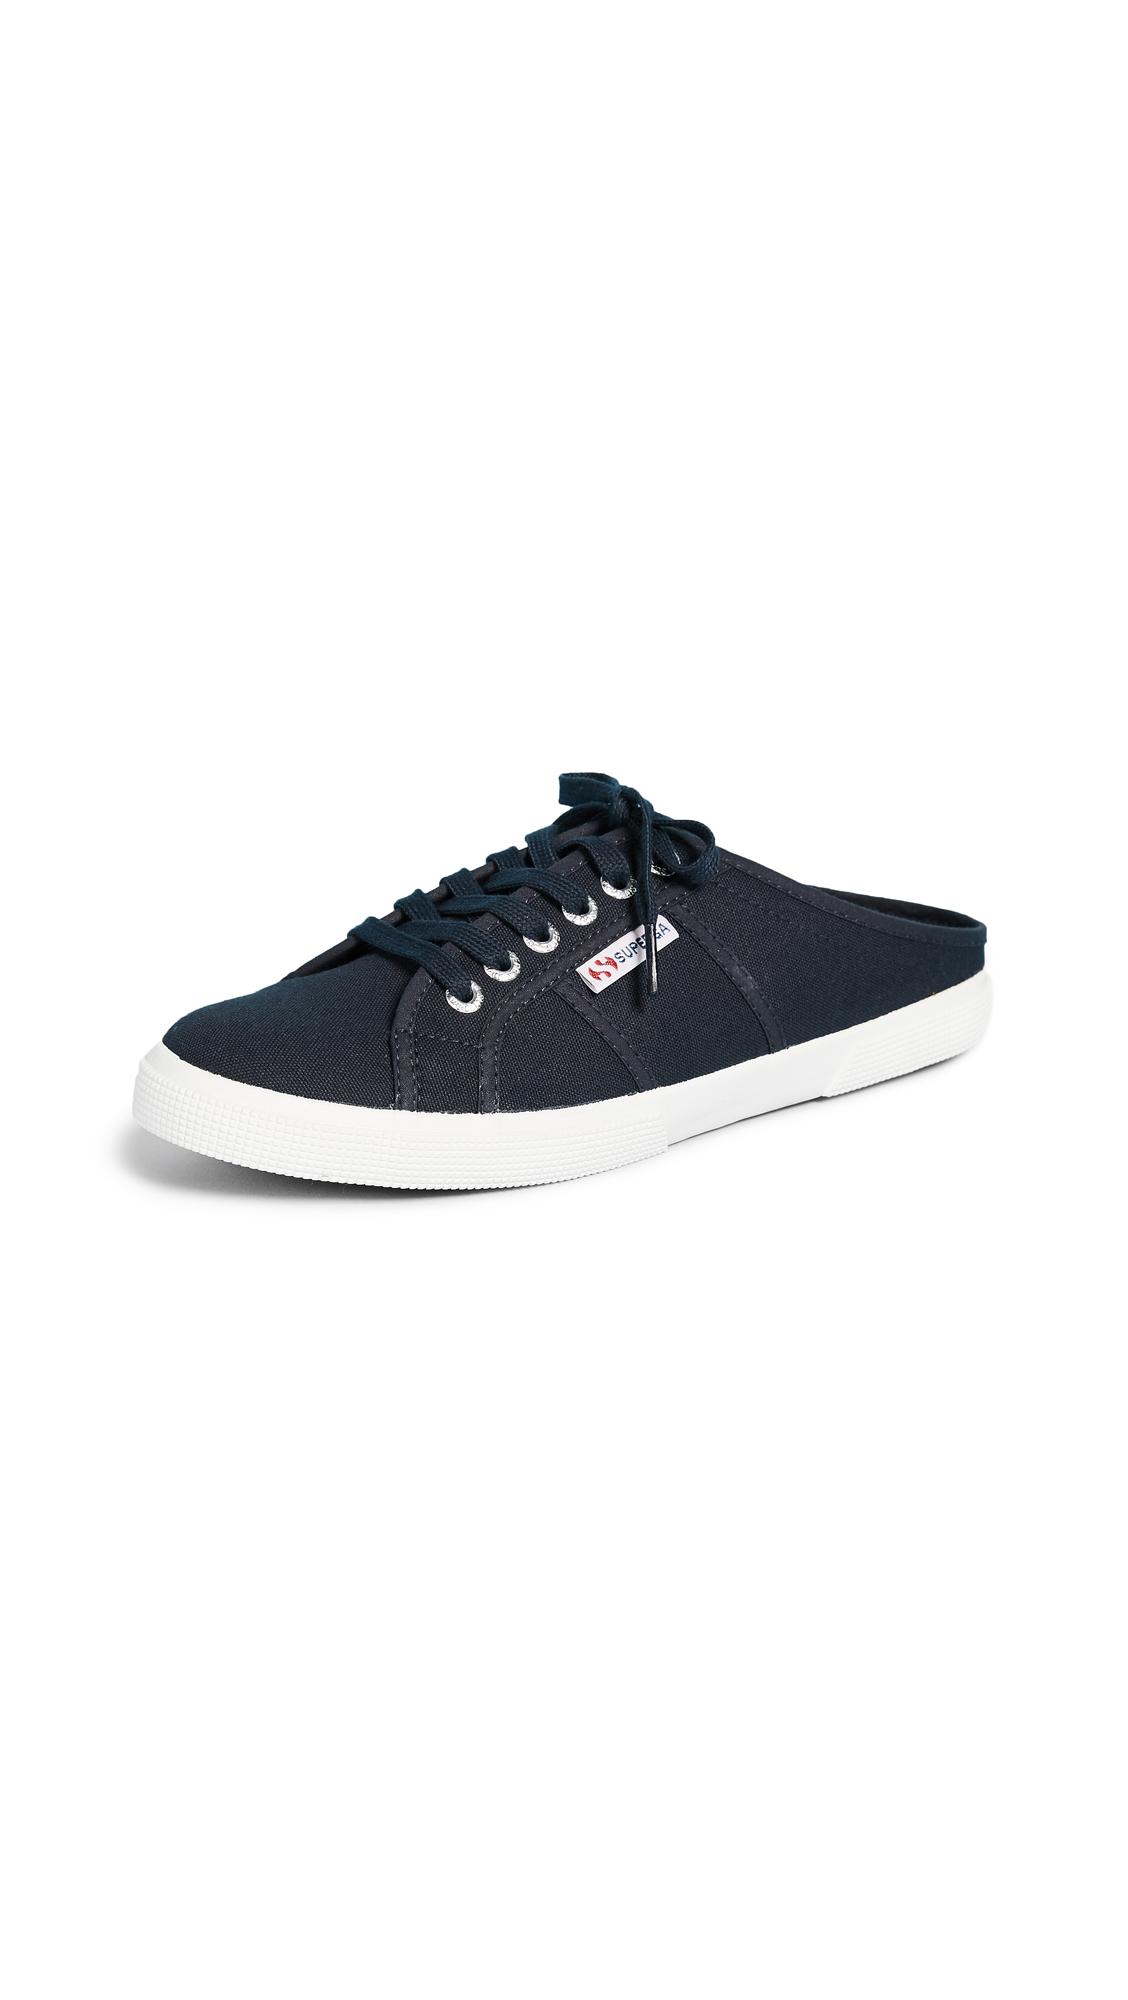 Superga 2288 Mule Sneakers - Navy